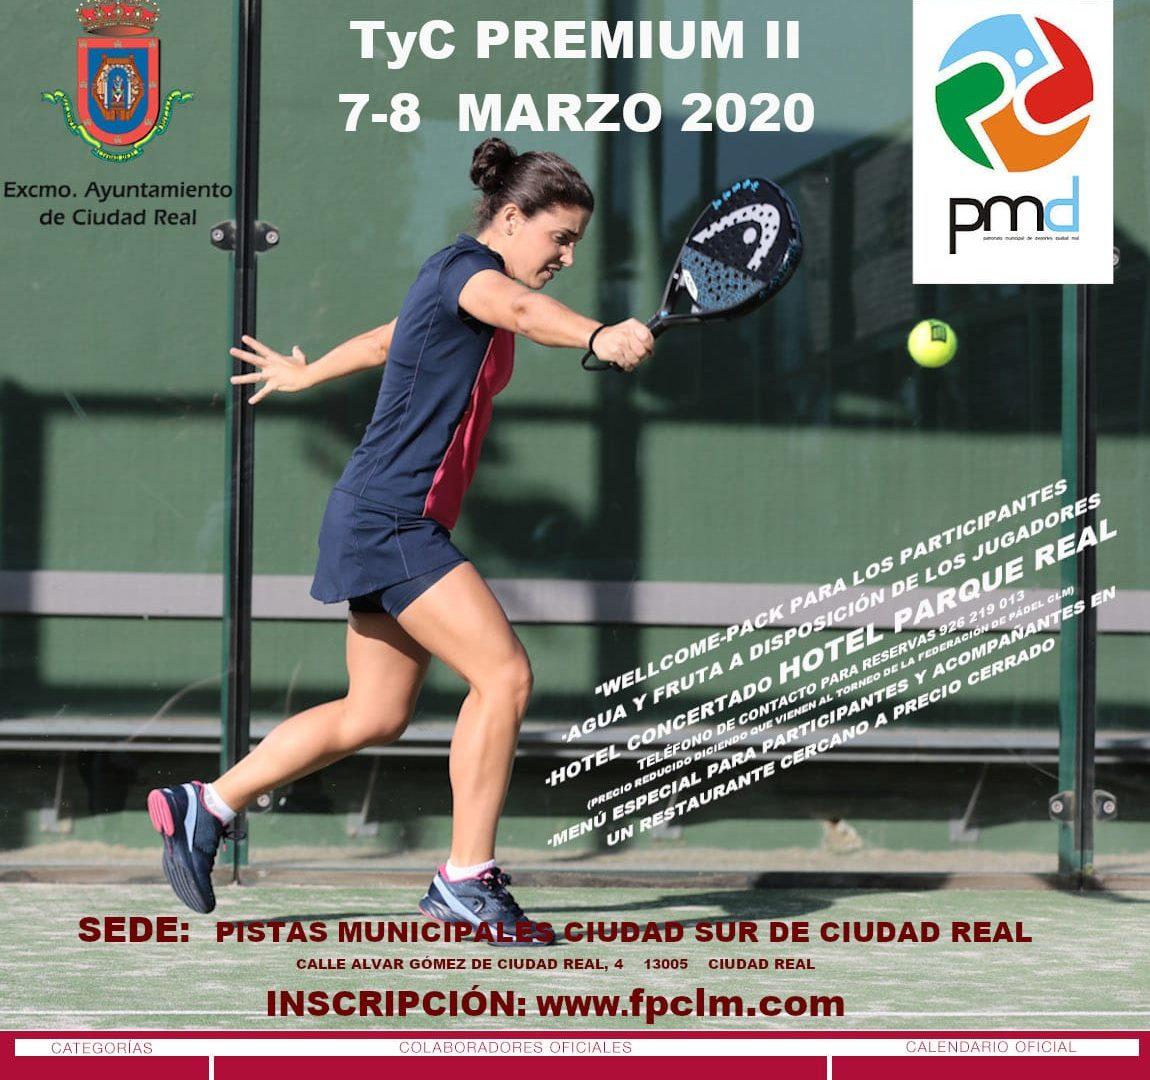 Torneo Territorial Clasificatorio para el TyC Premium II